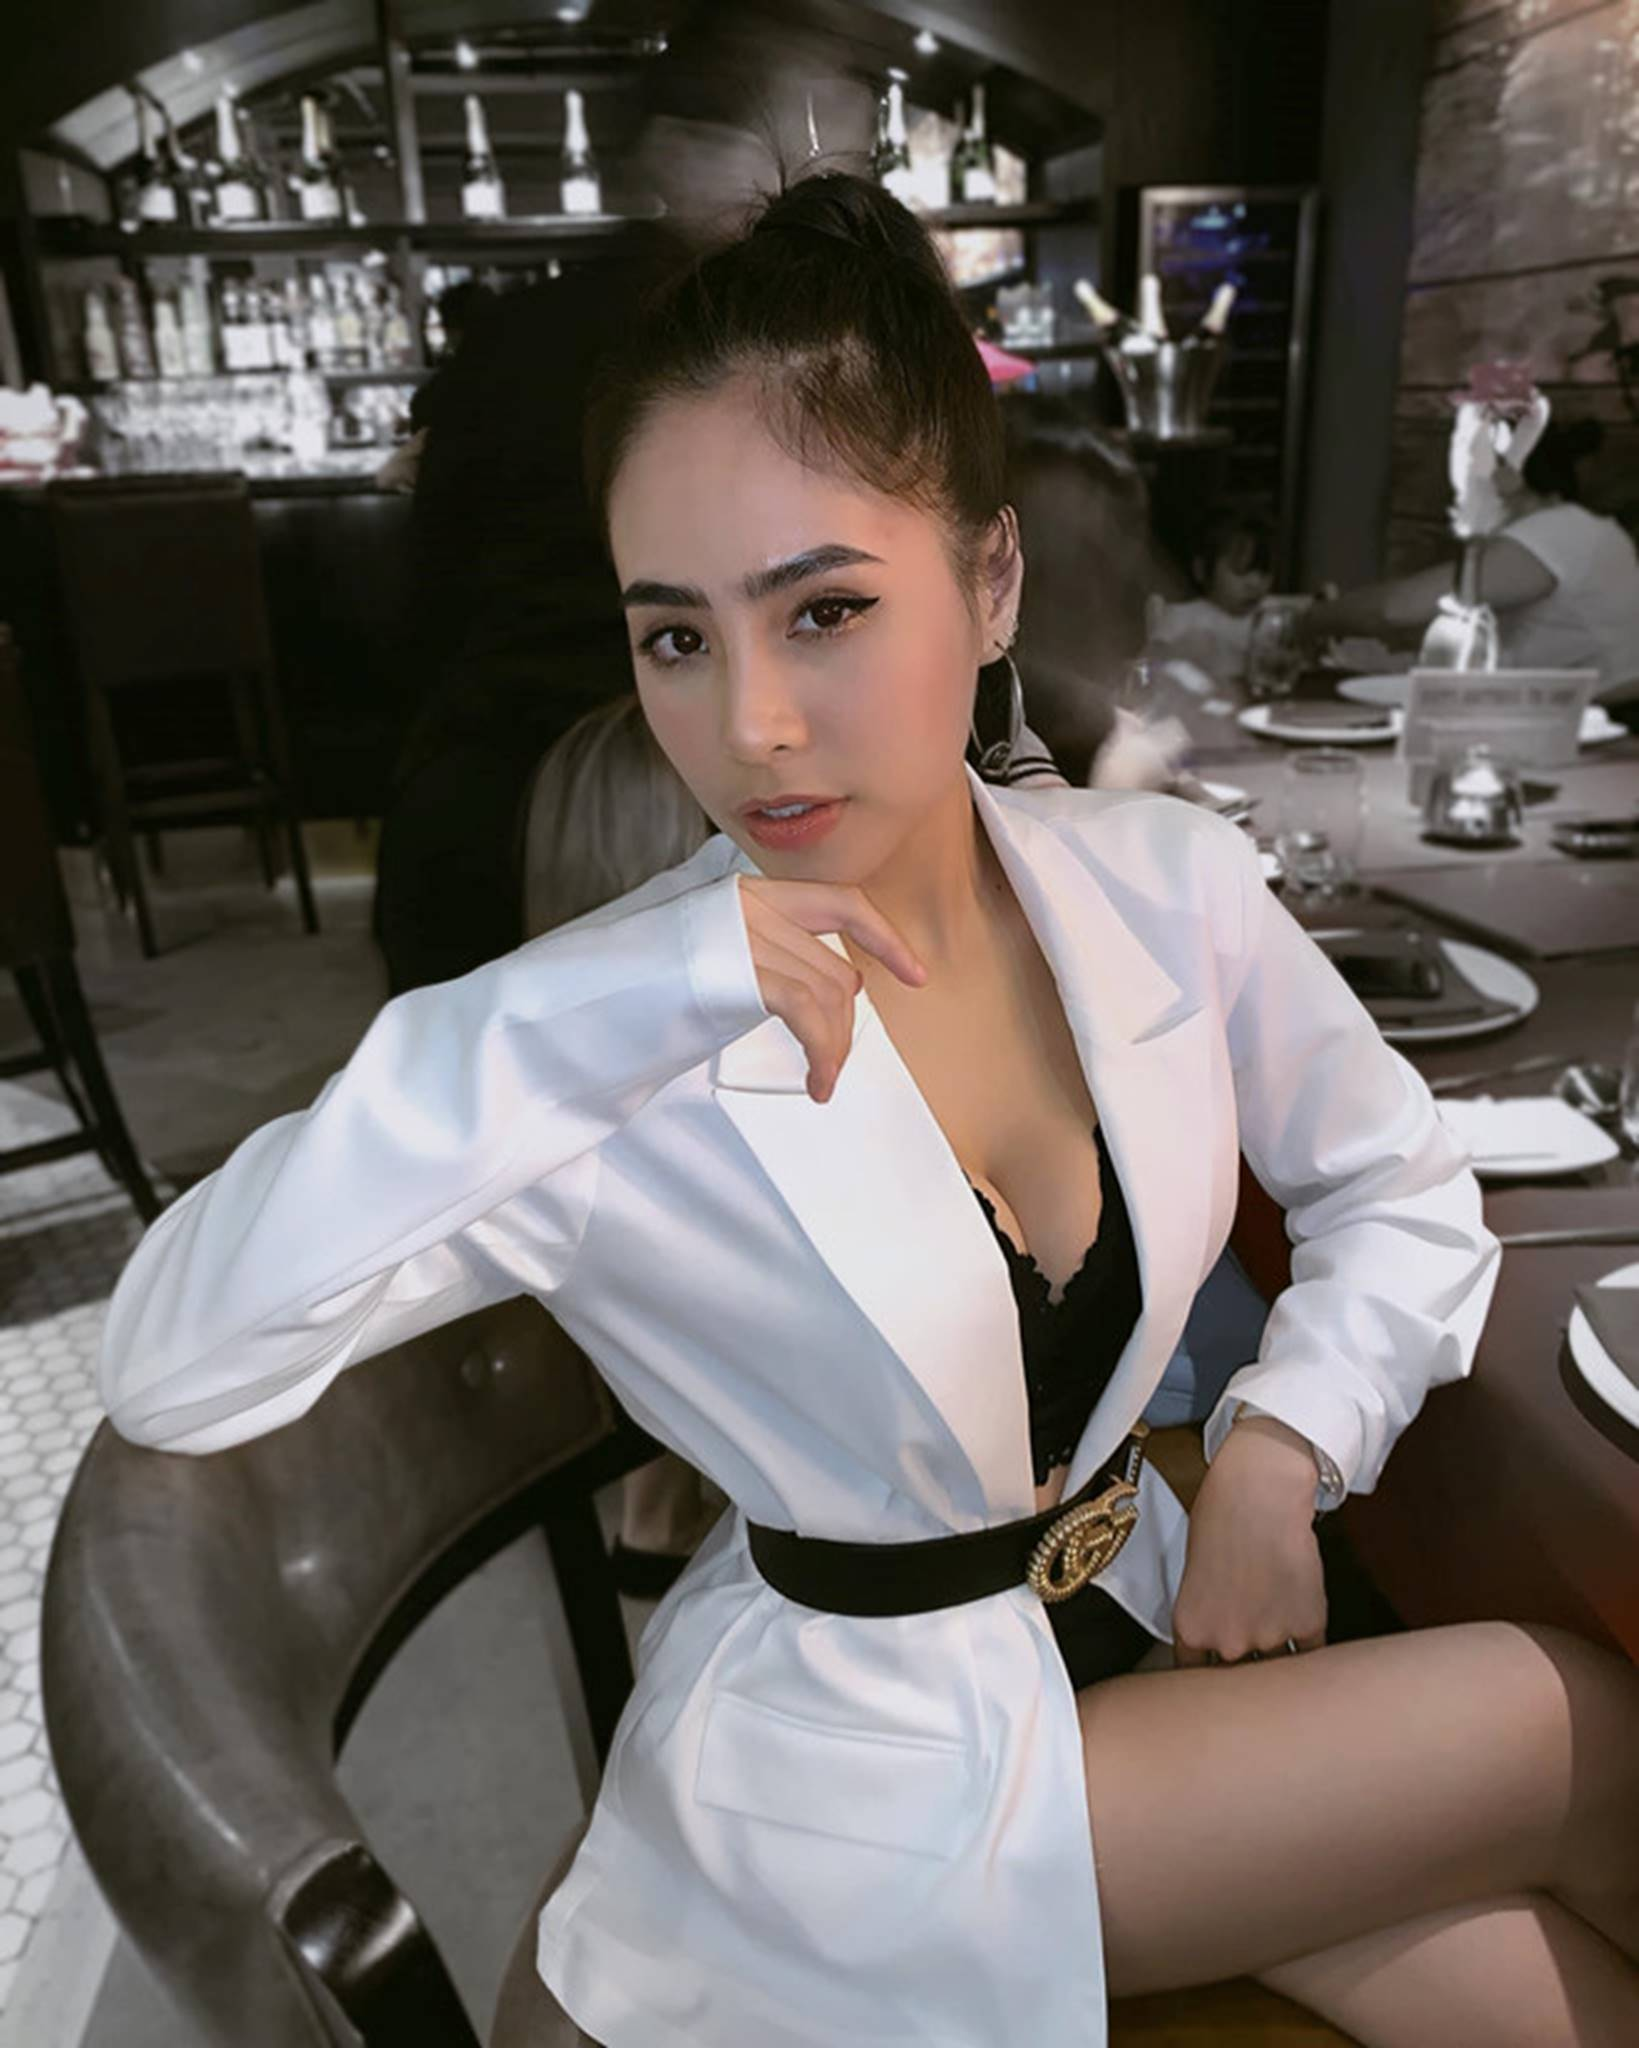 Ca nương Kiều Anh đăng ảnh diện bikini khoe vòng một 90 cm-10